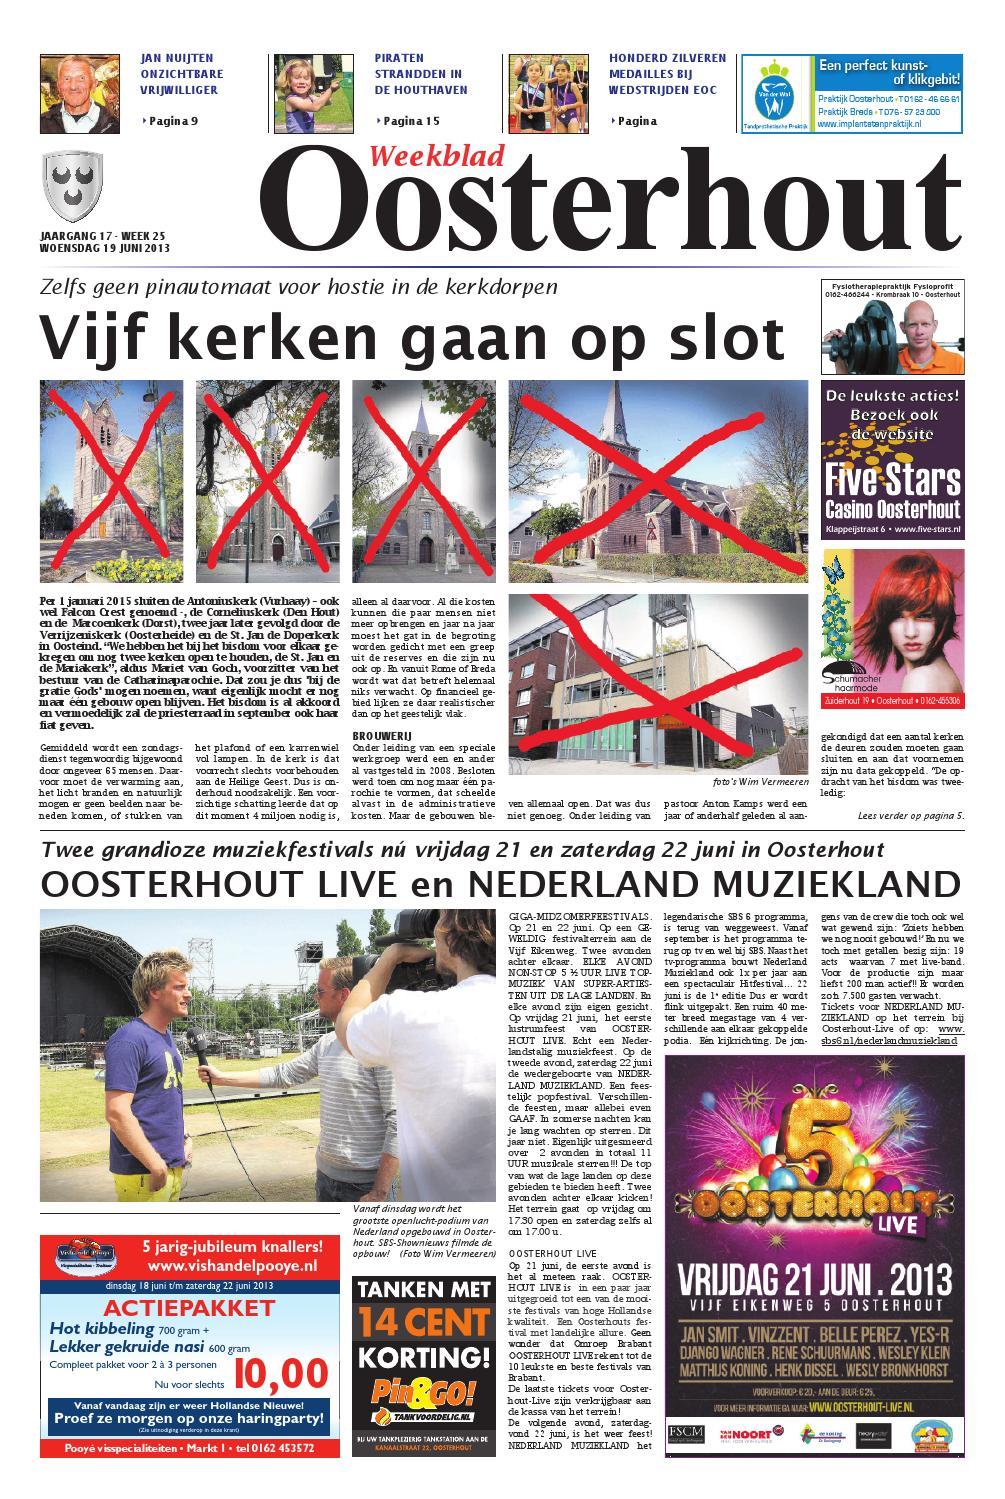 Dorst Glas En Slotenservice.Weekblad Oosterhout 19 06 2013 By Uitgeverij Em De Jong Issuu